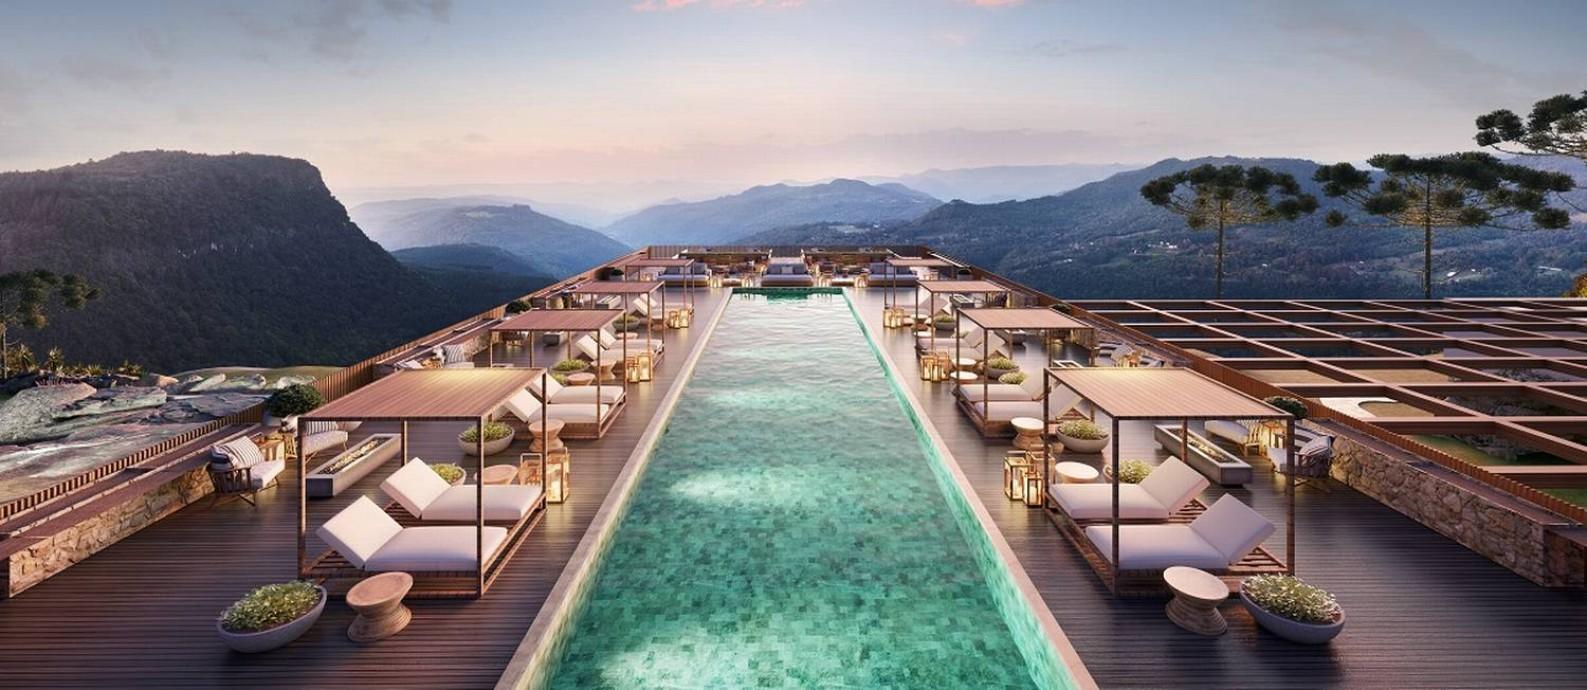 Imagem mostra como será uma das piscinas do futuro Kempinski Laje de Pedra, que deve ser inaugurado em 2024, em Canela, na Serra Gaúcha Foto: Perkins&Will / Divulgação